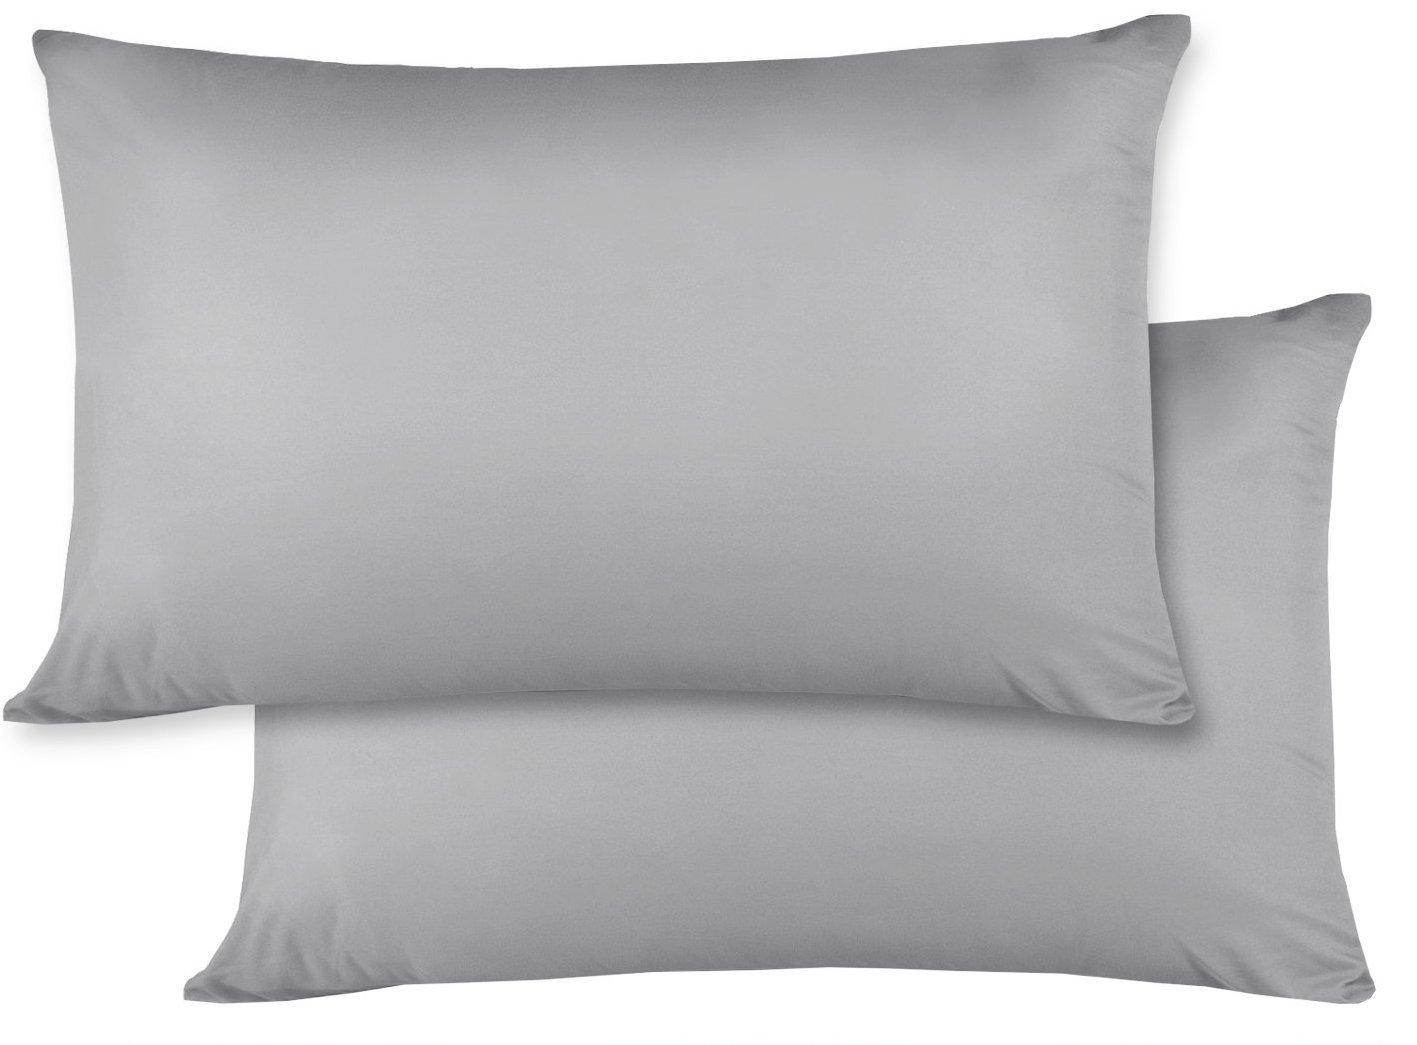 2のセット – 幼児旅行枕カバー500スレッドカウント14 x 20サイズ、シルバーグレー、with 100 %エジプト綿   B07CRZW7BF